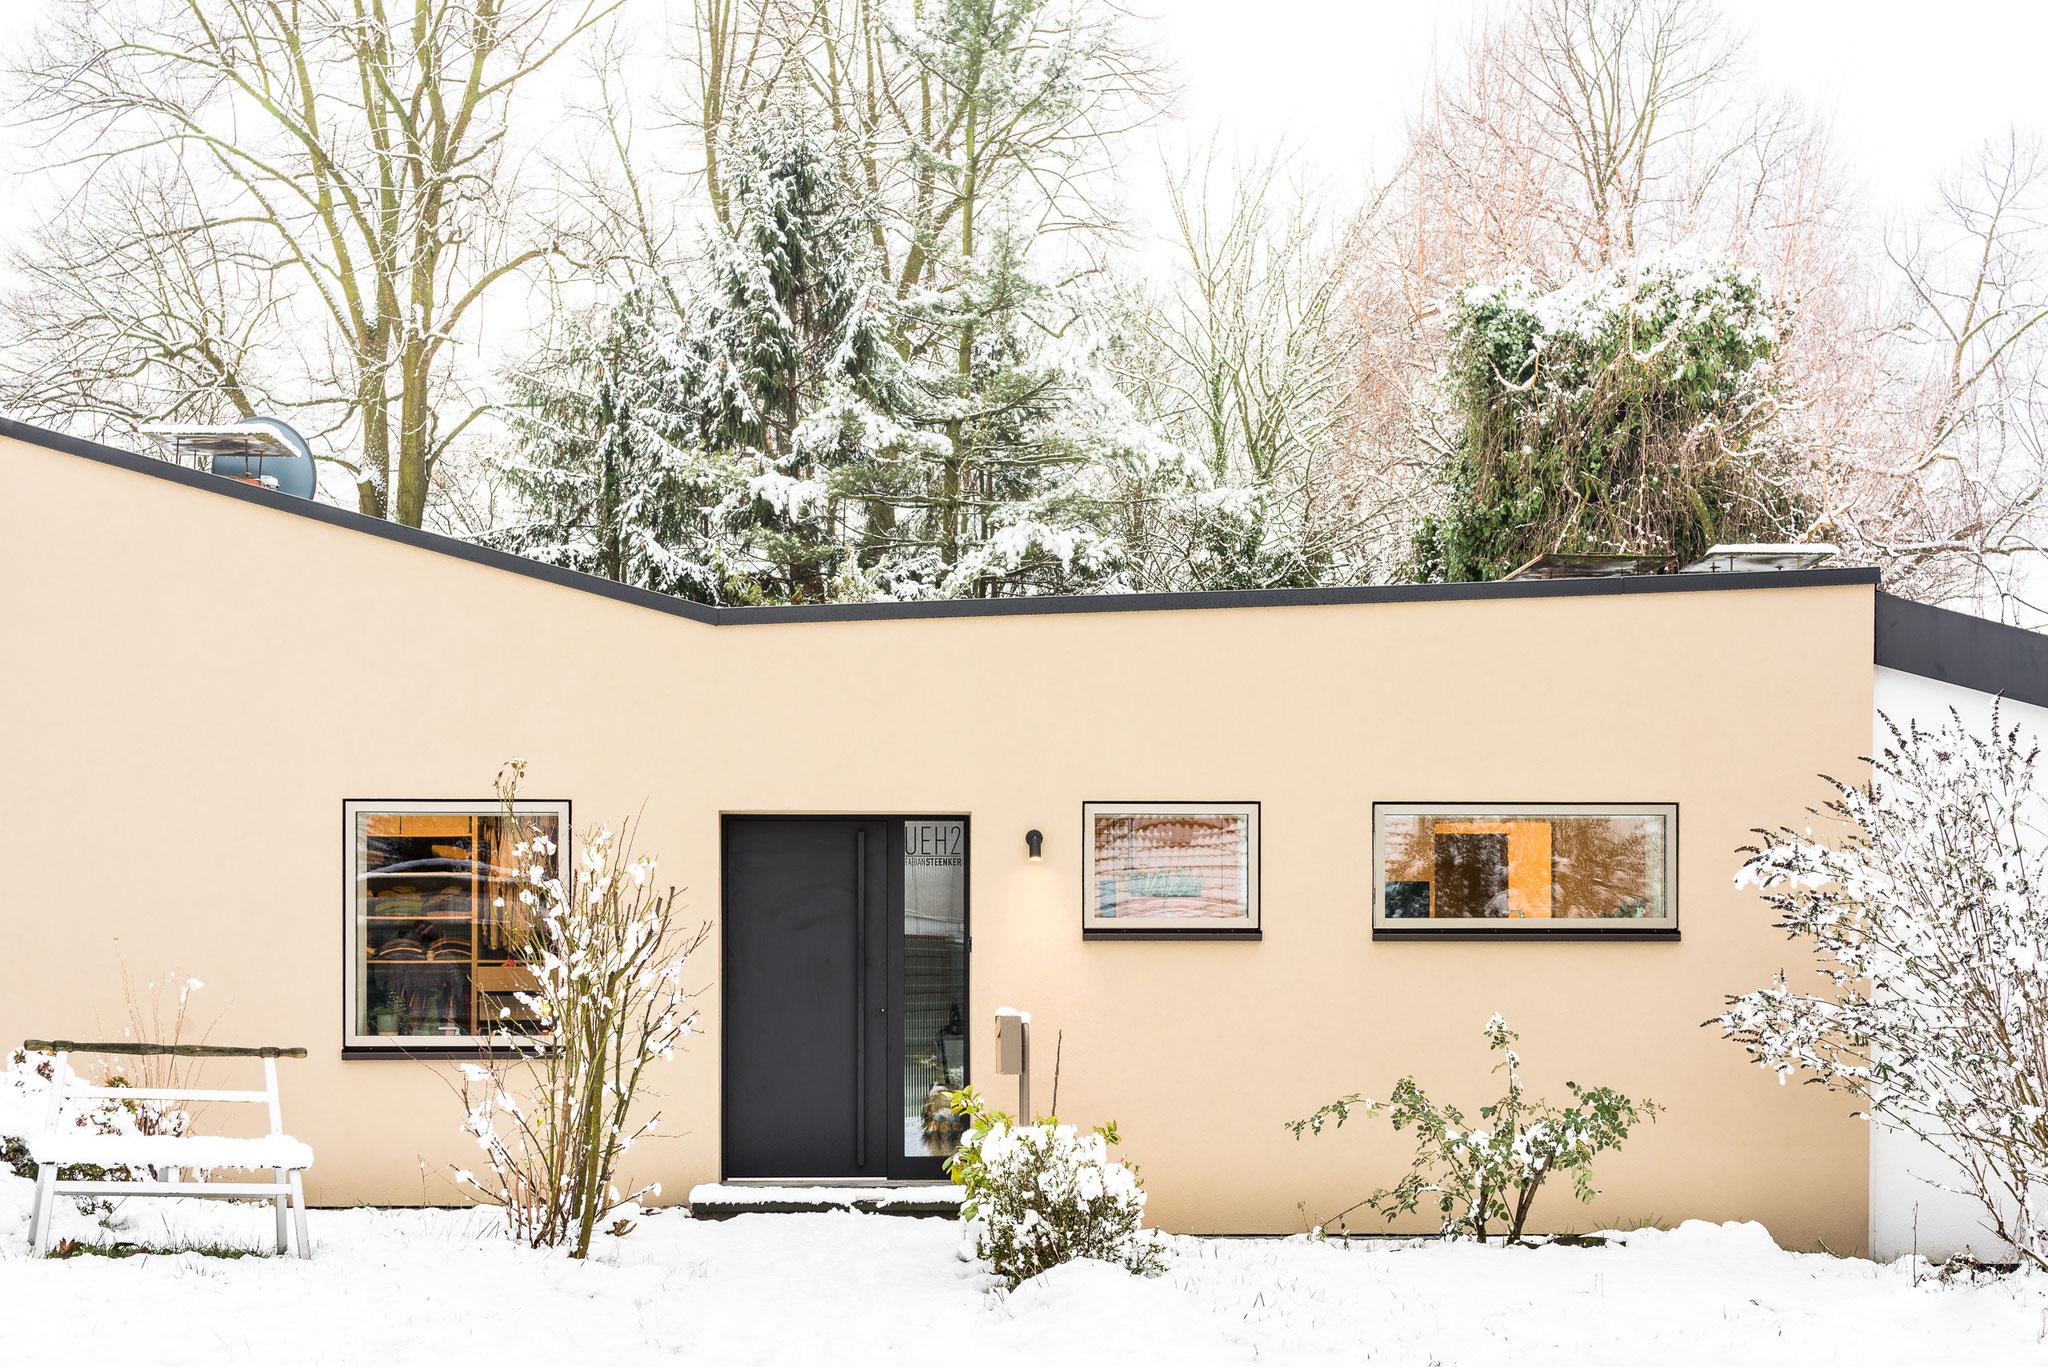 Einfamilienhaus / Architekt Ole Wetterich / Typ A. | Architektenteam